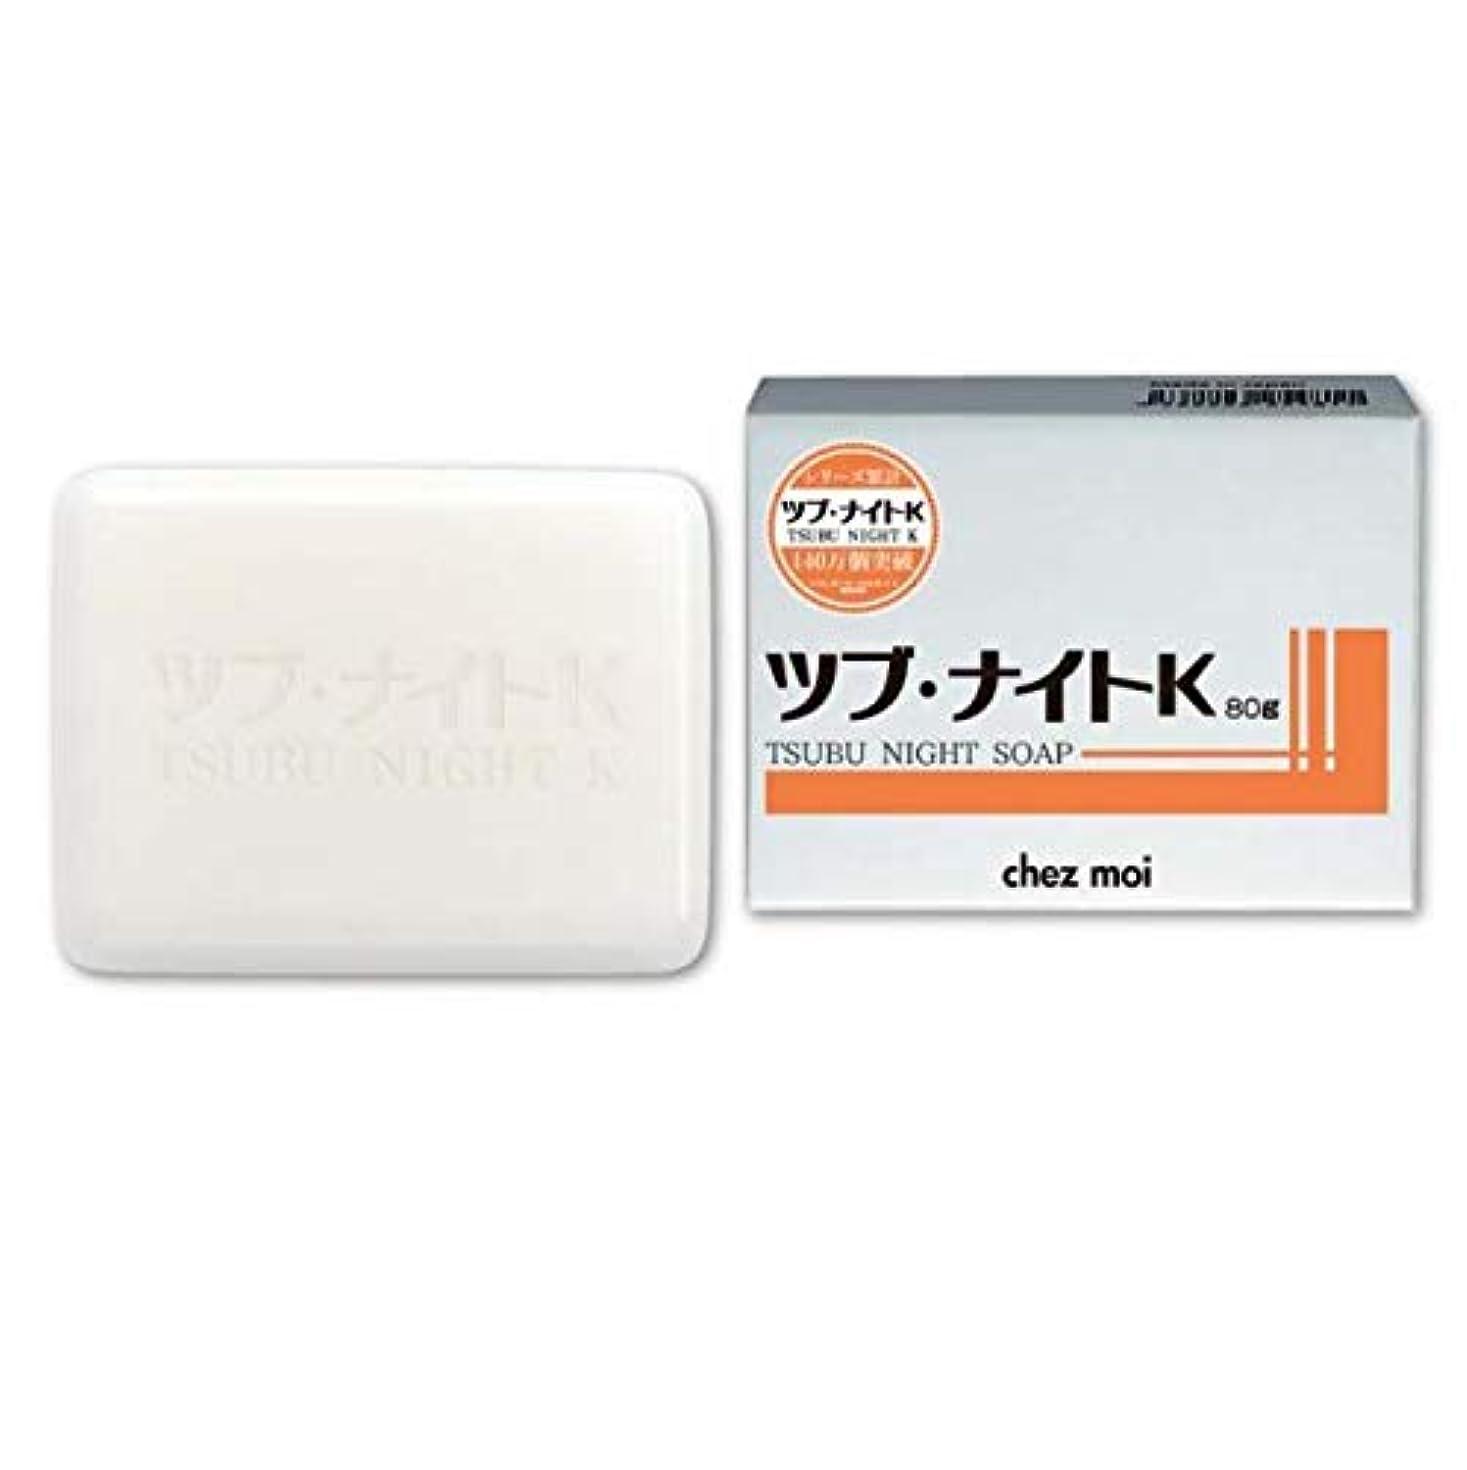 株式審判オーバーフローツブ?ナイトK ソープ(化粧石鹸) 80g